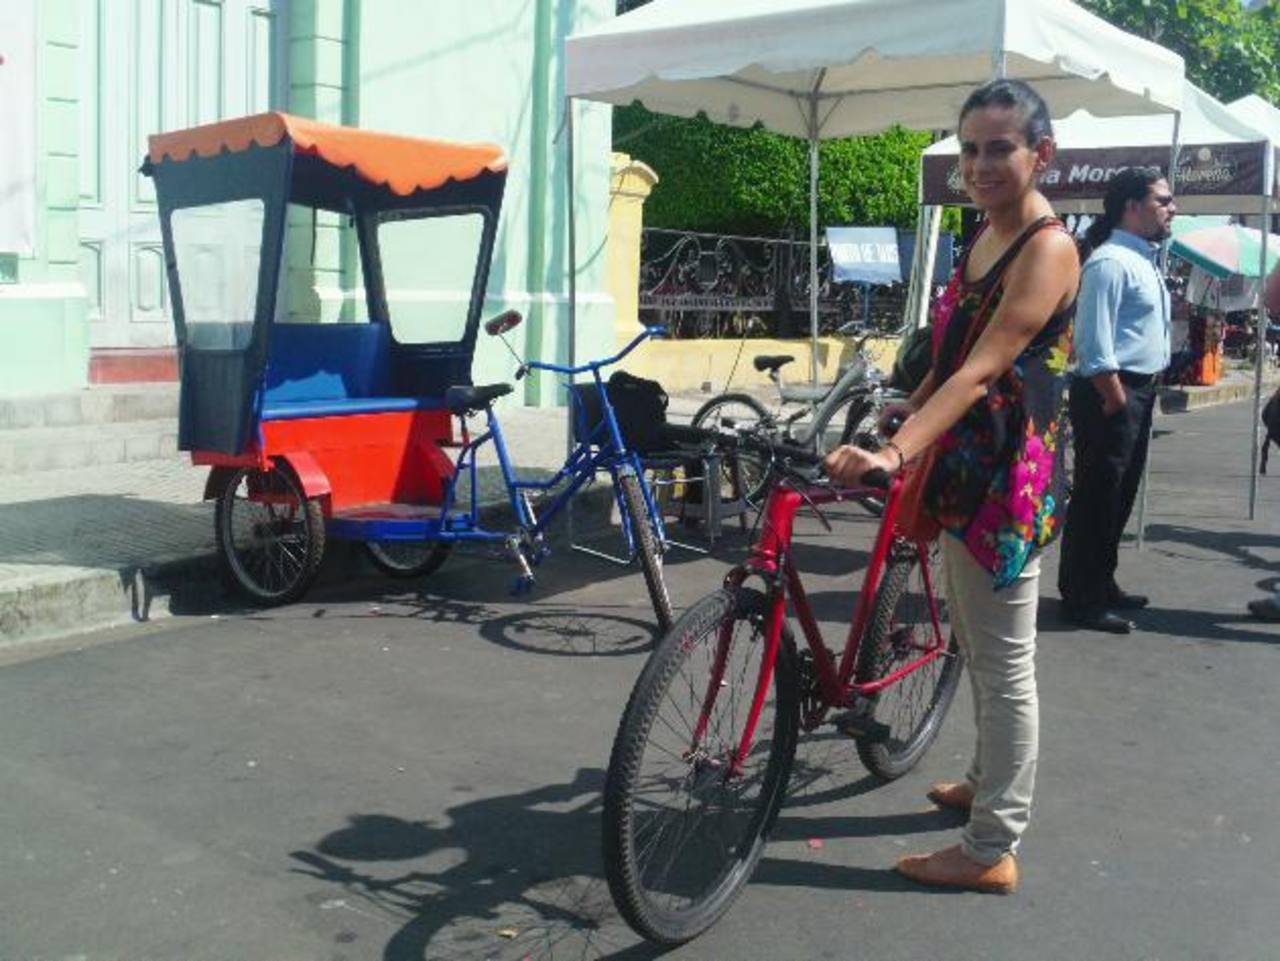 El costo del alquiler de la bicicleta es de tres dólares las dos horas que dura el recorrido. Foto EDH / Mauricio Guevara